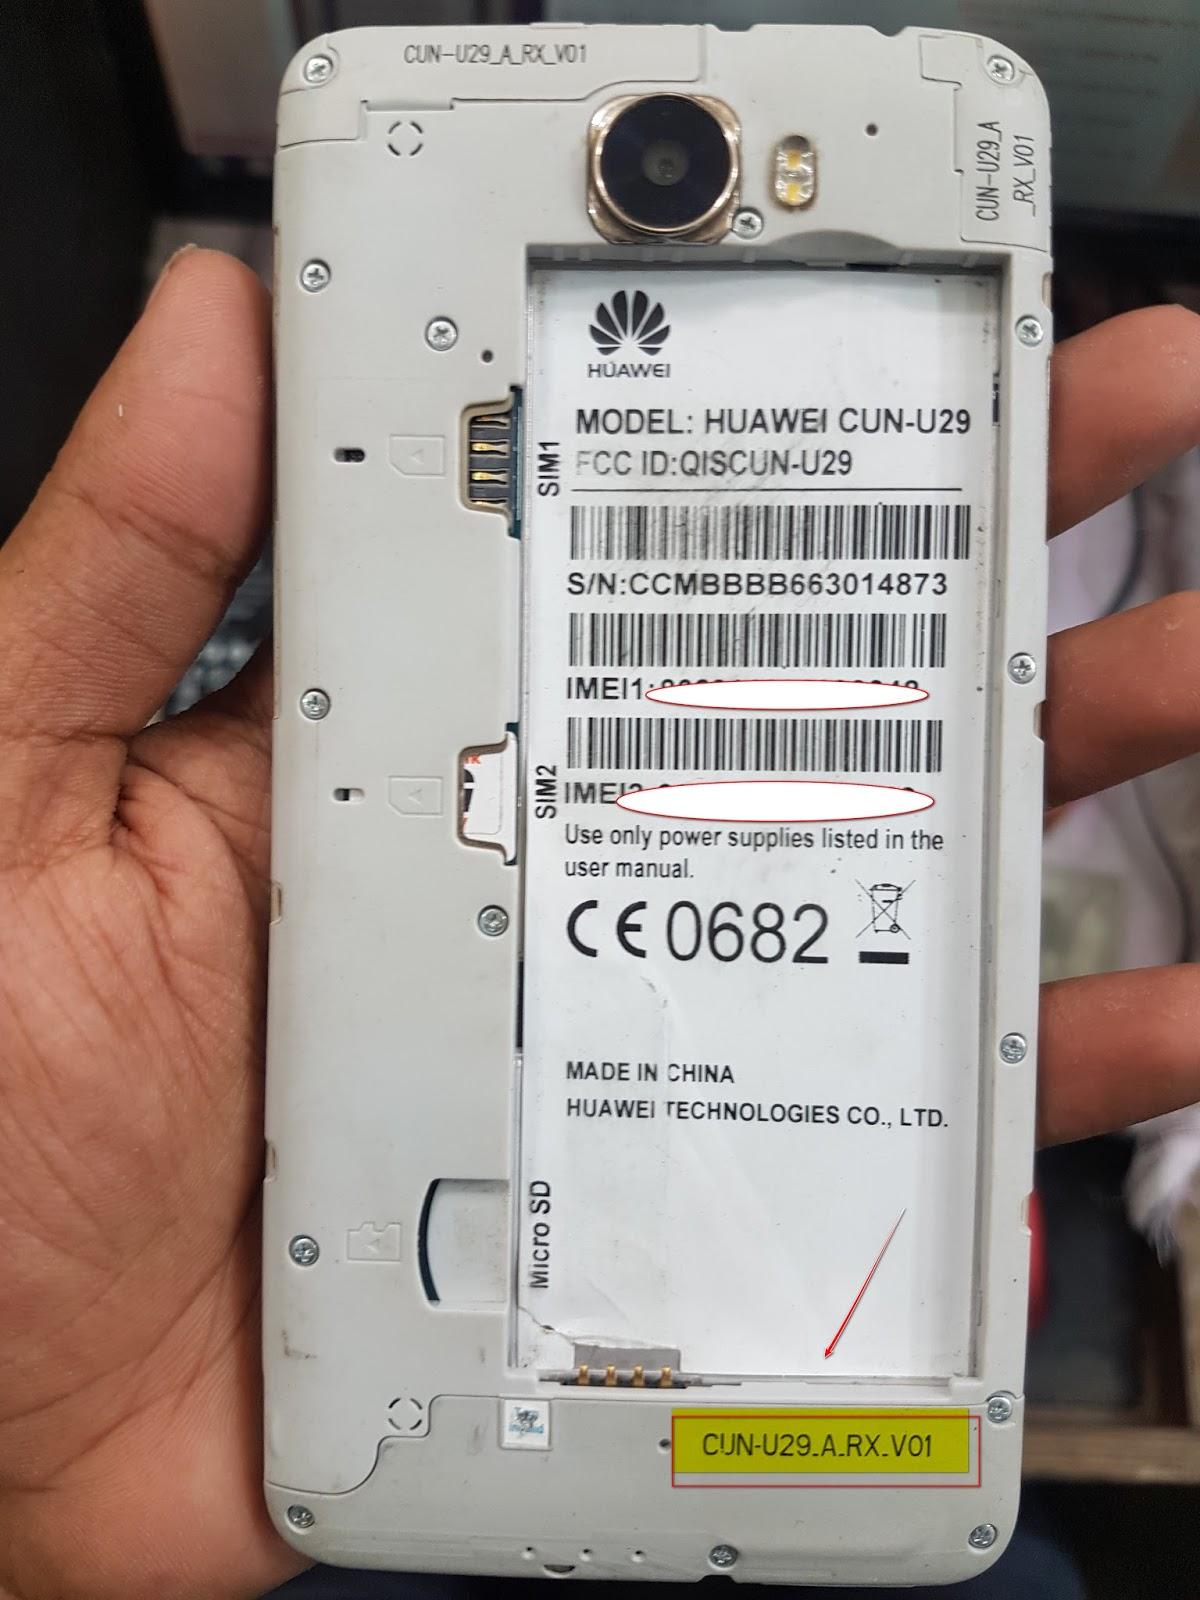 huawei cun u29 arx v01 firmware